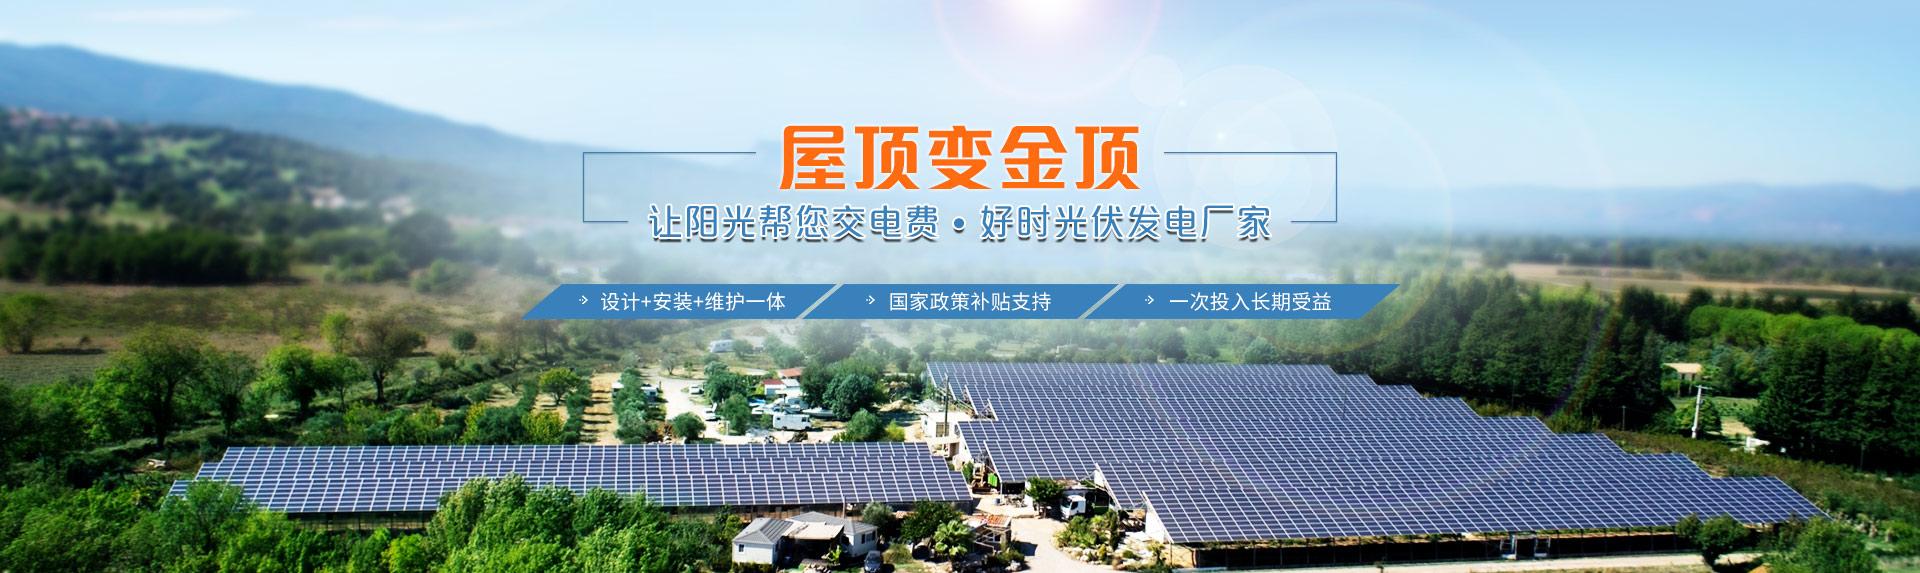 麦可酷太阳能发电设备